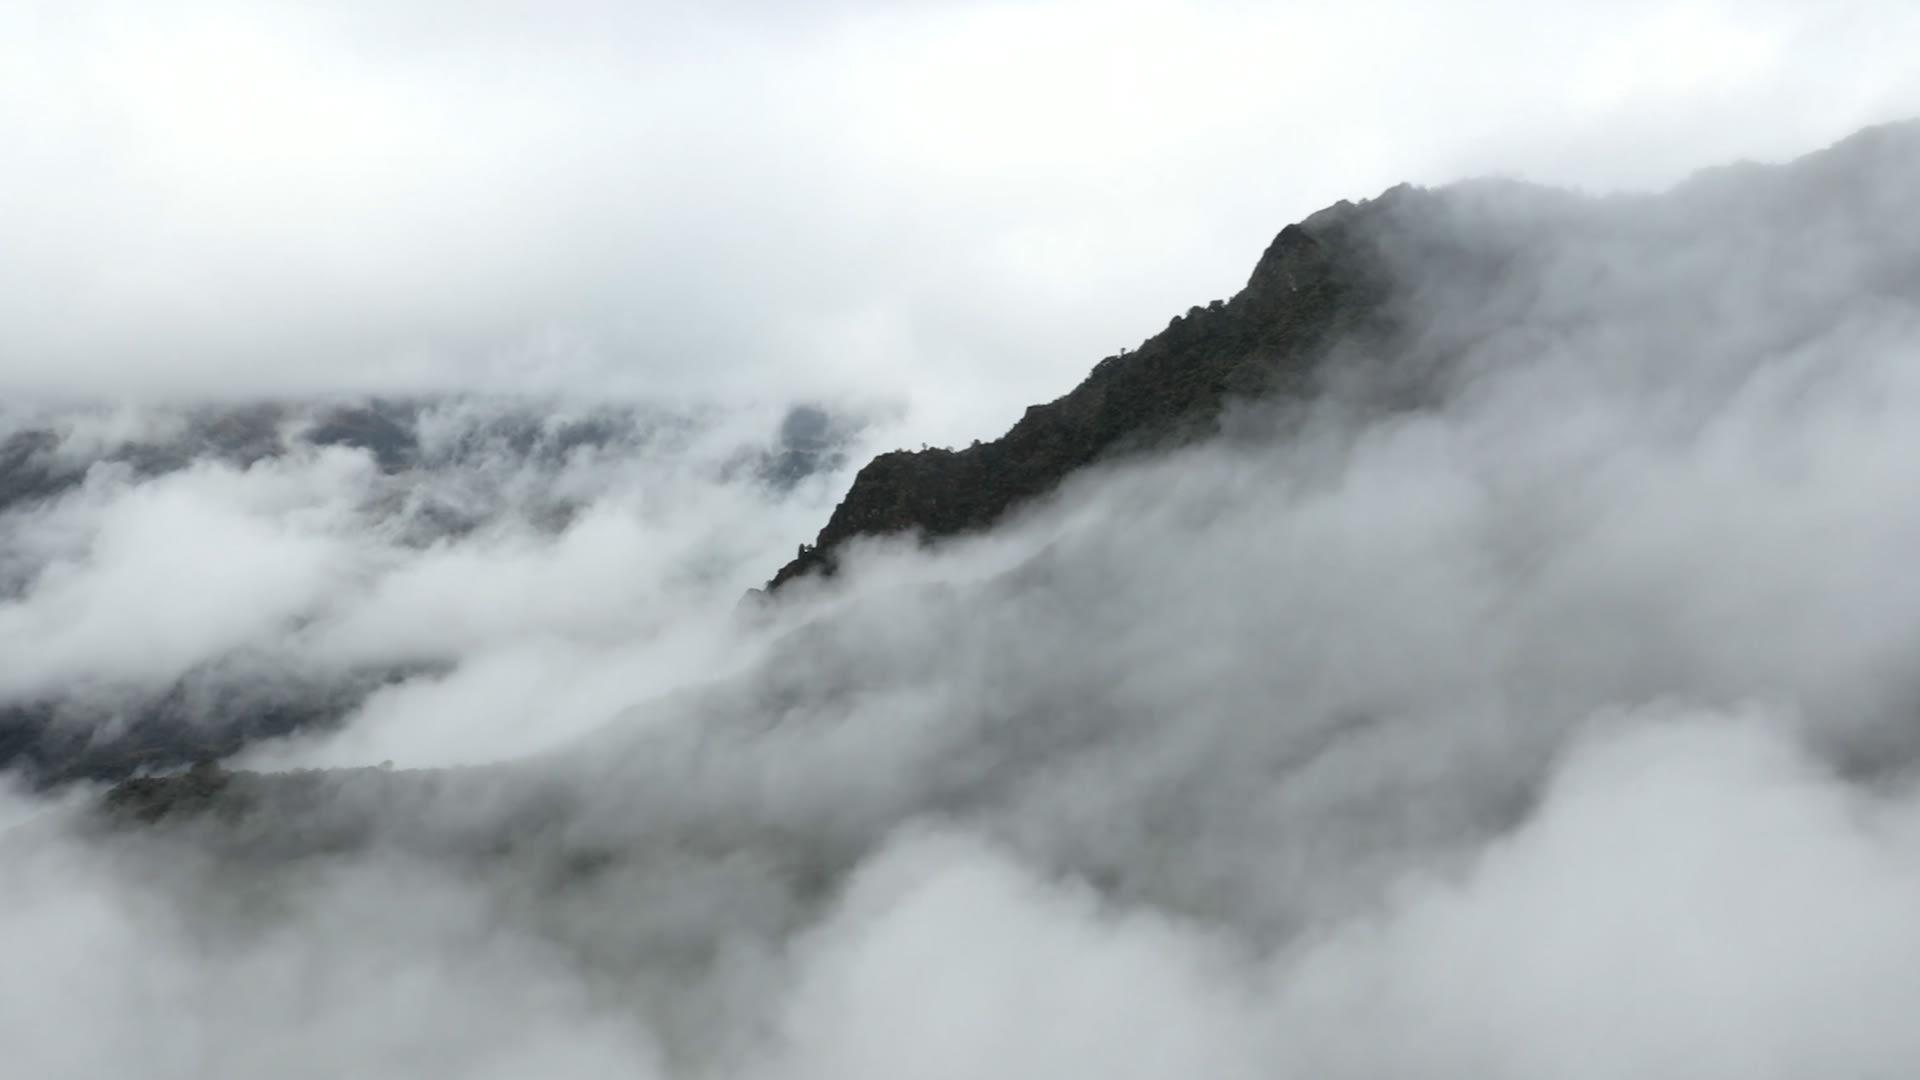 هدوء الطبيعة.. أجواء ساحرة في أشهر أنهار الإكوادور